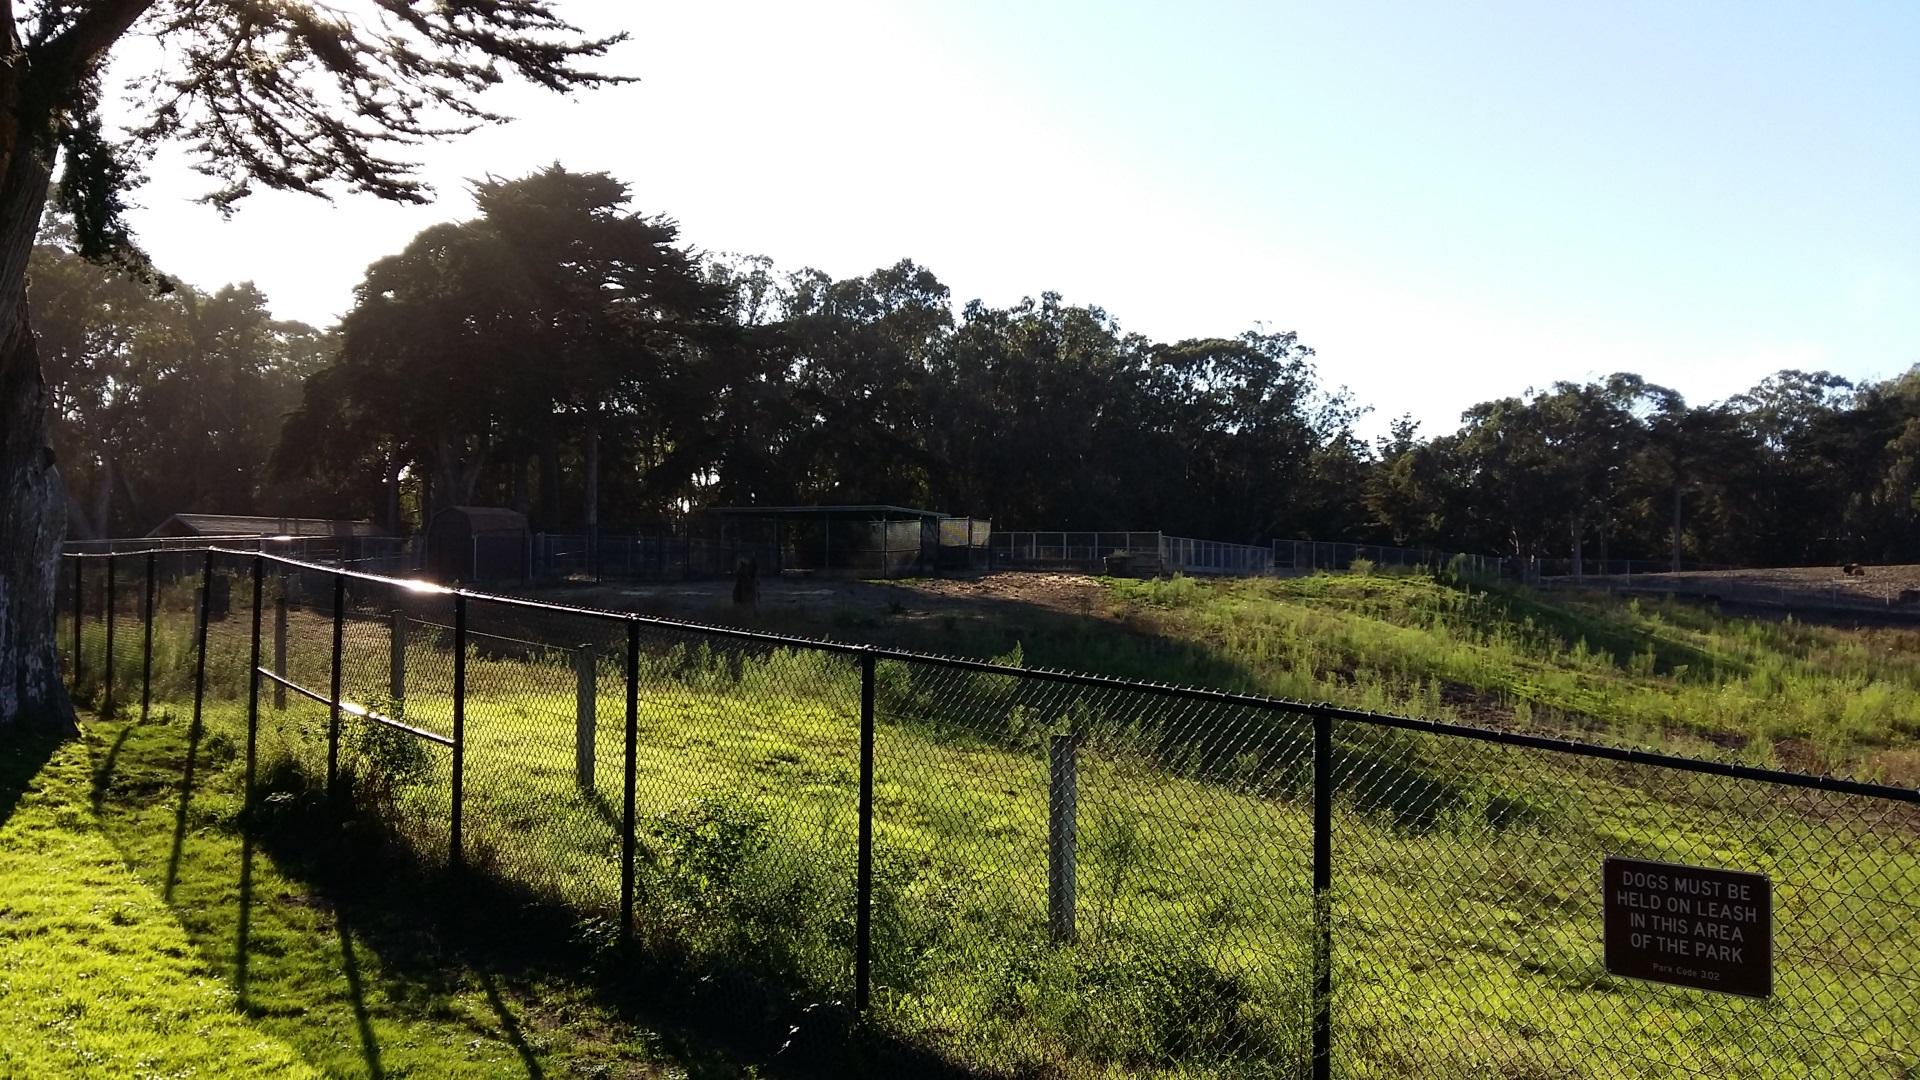 golden gate park bison paddock